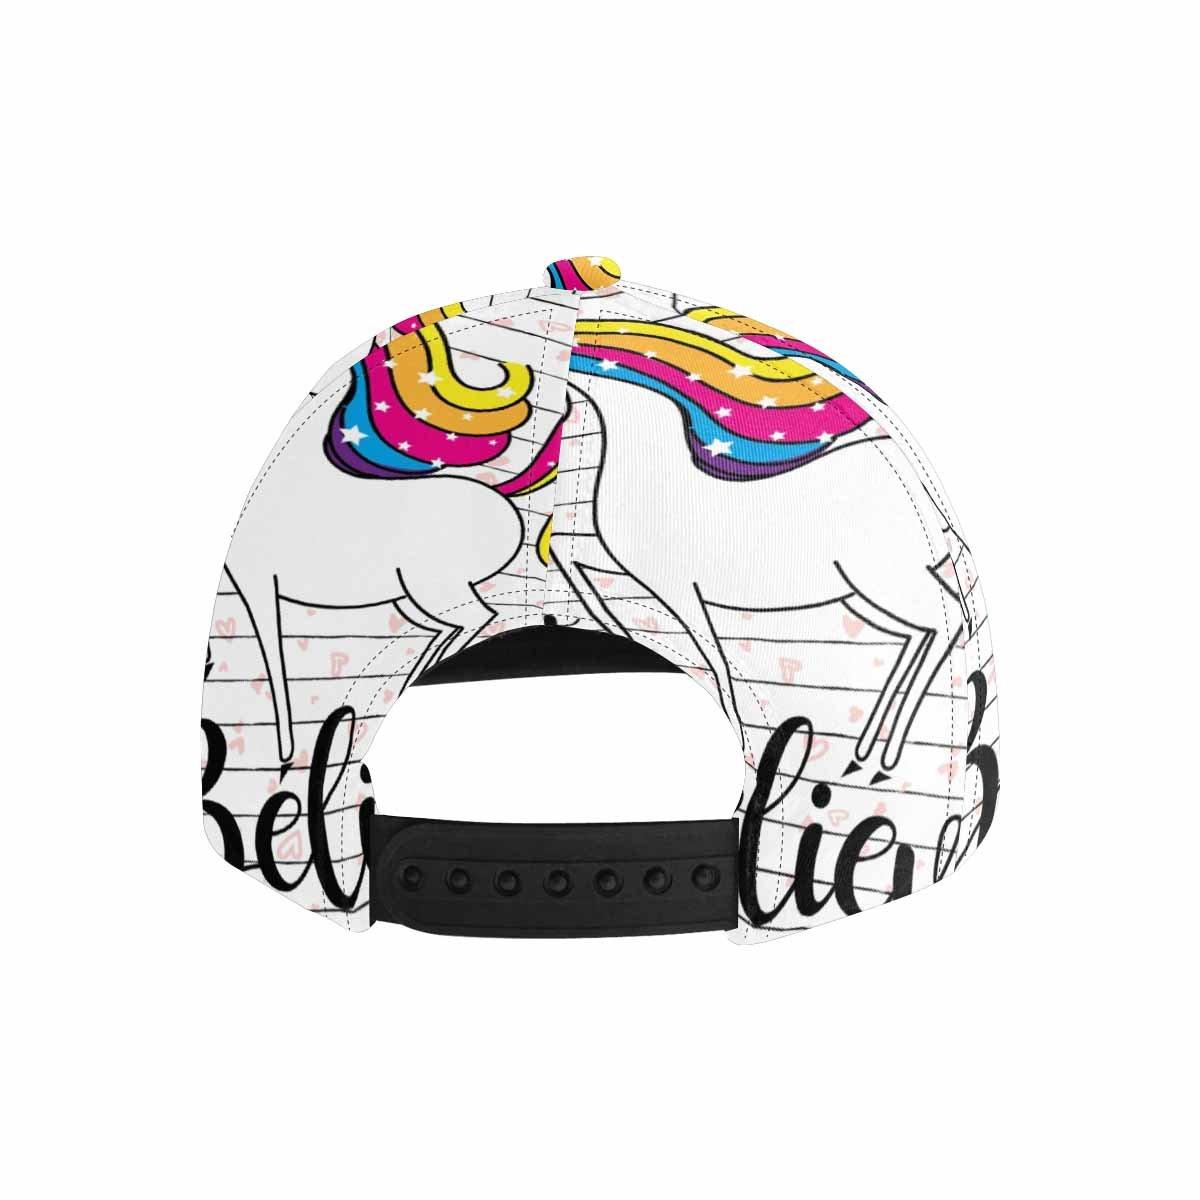 InterestPrint Cute Magic Cartoon Fantasy Cute Animal Unicorn Adjustable Dad Hat Flat Bill Baseball Cap